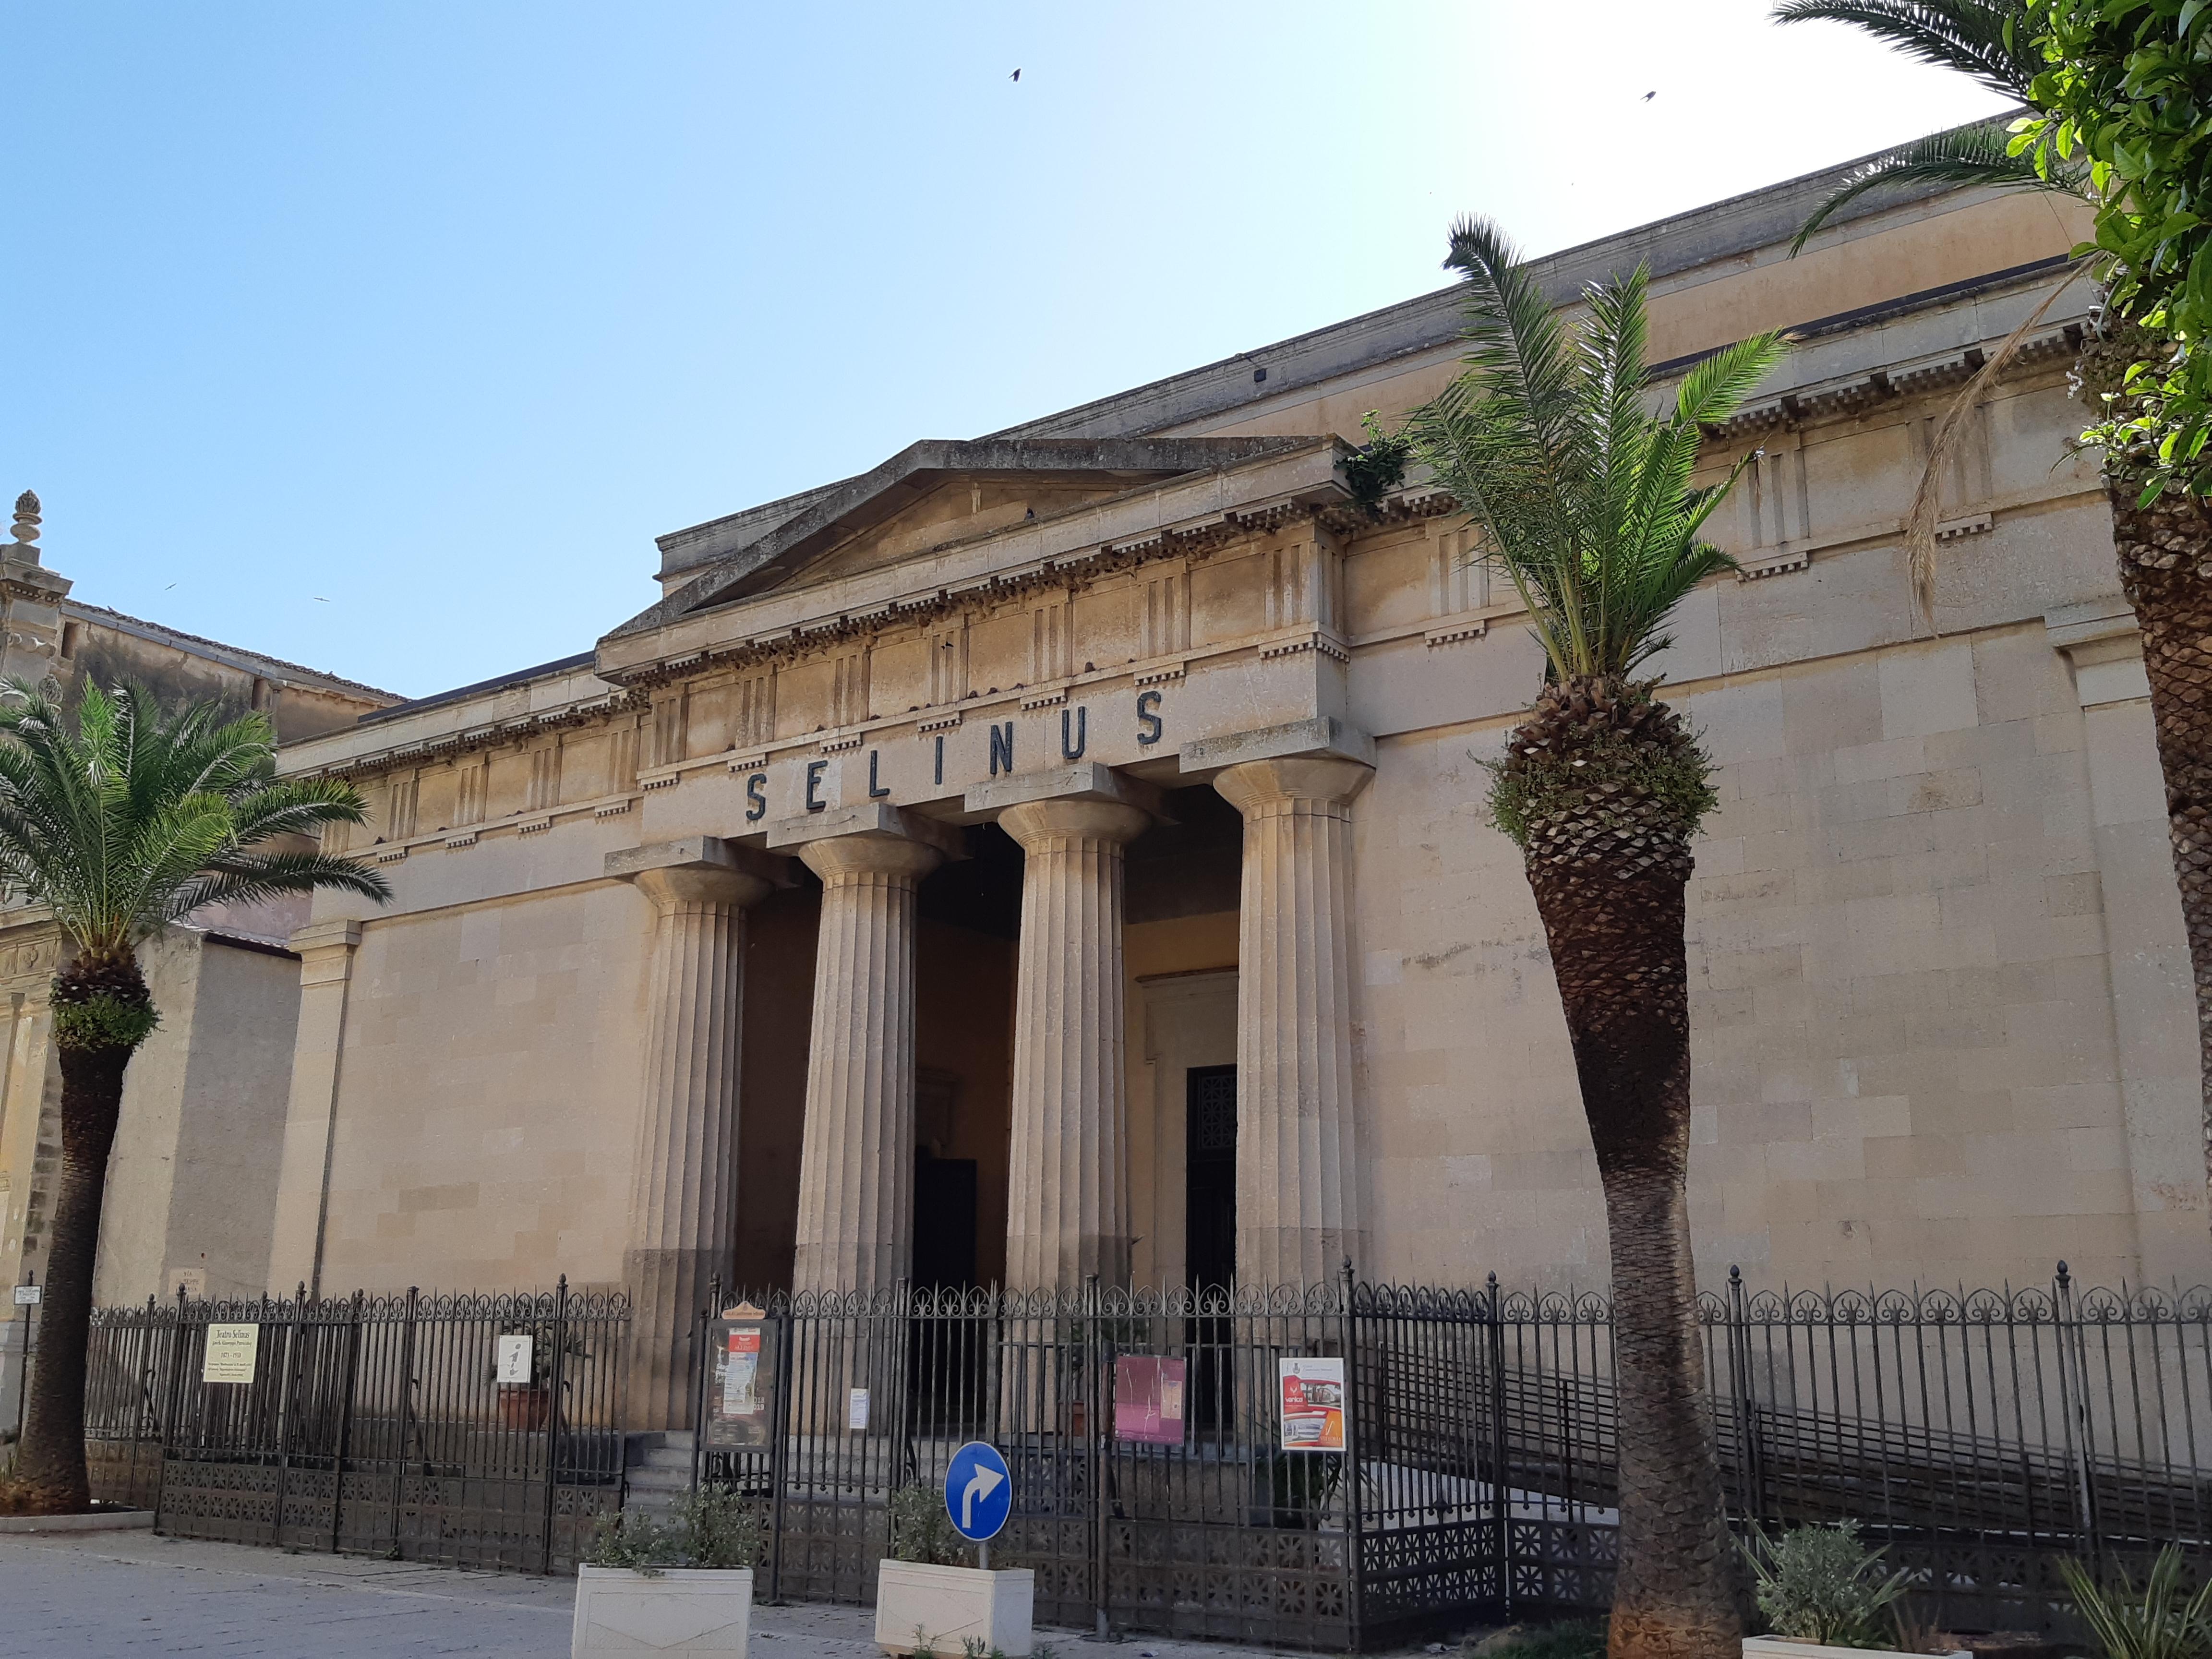 Castelvetrano - Teatro Selinus.jpg